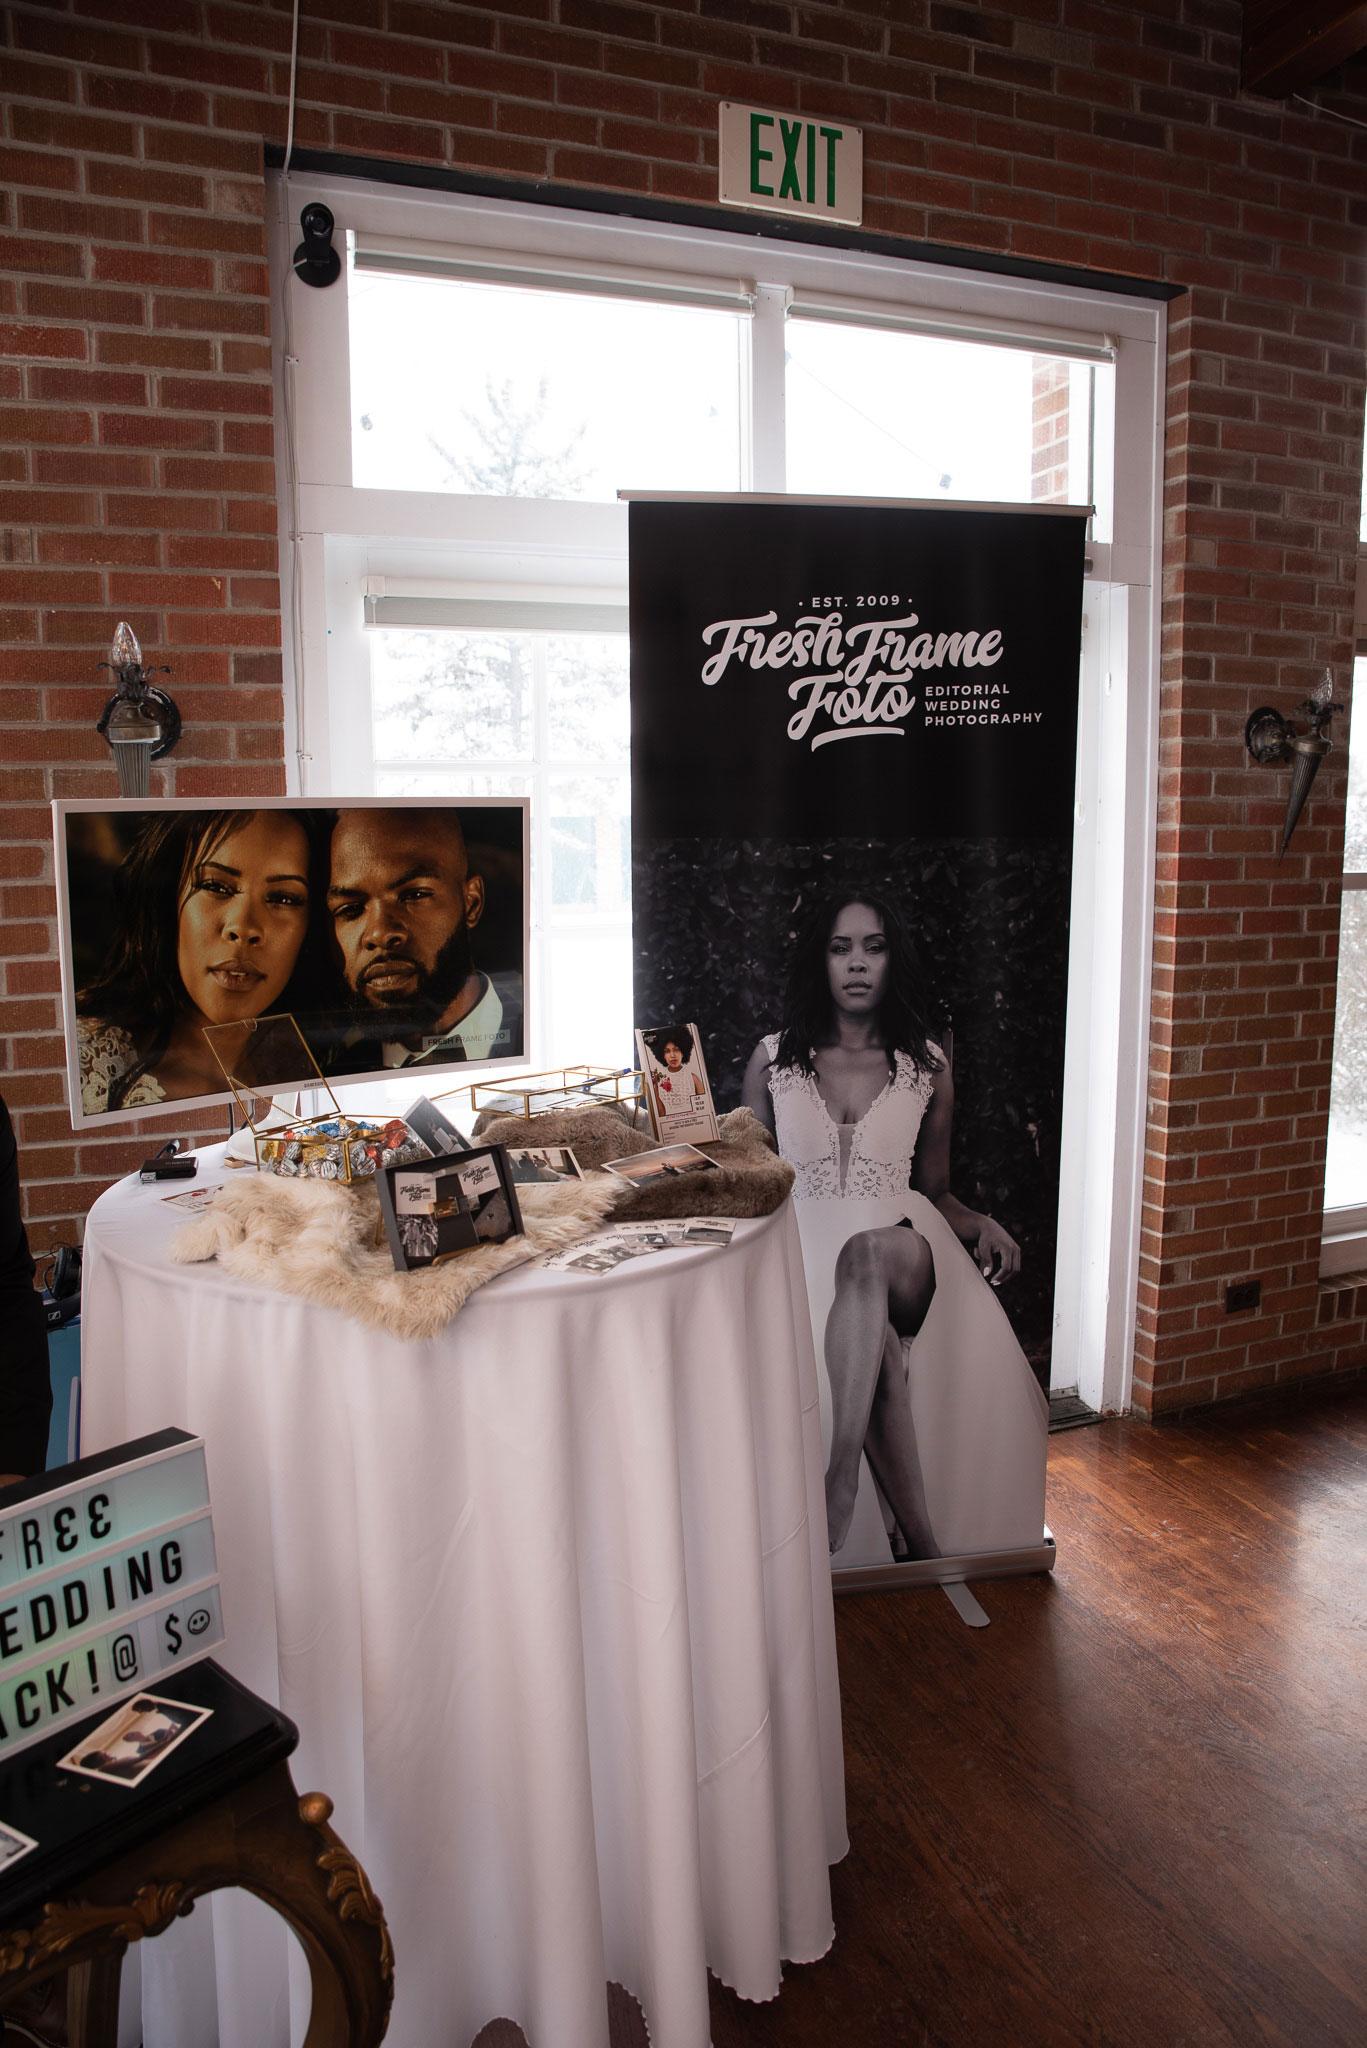 Fresh Frame Foto at the Cannabis Wedding Expo in Denver Colorado. Photo by Kenesha Facello.